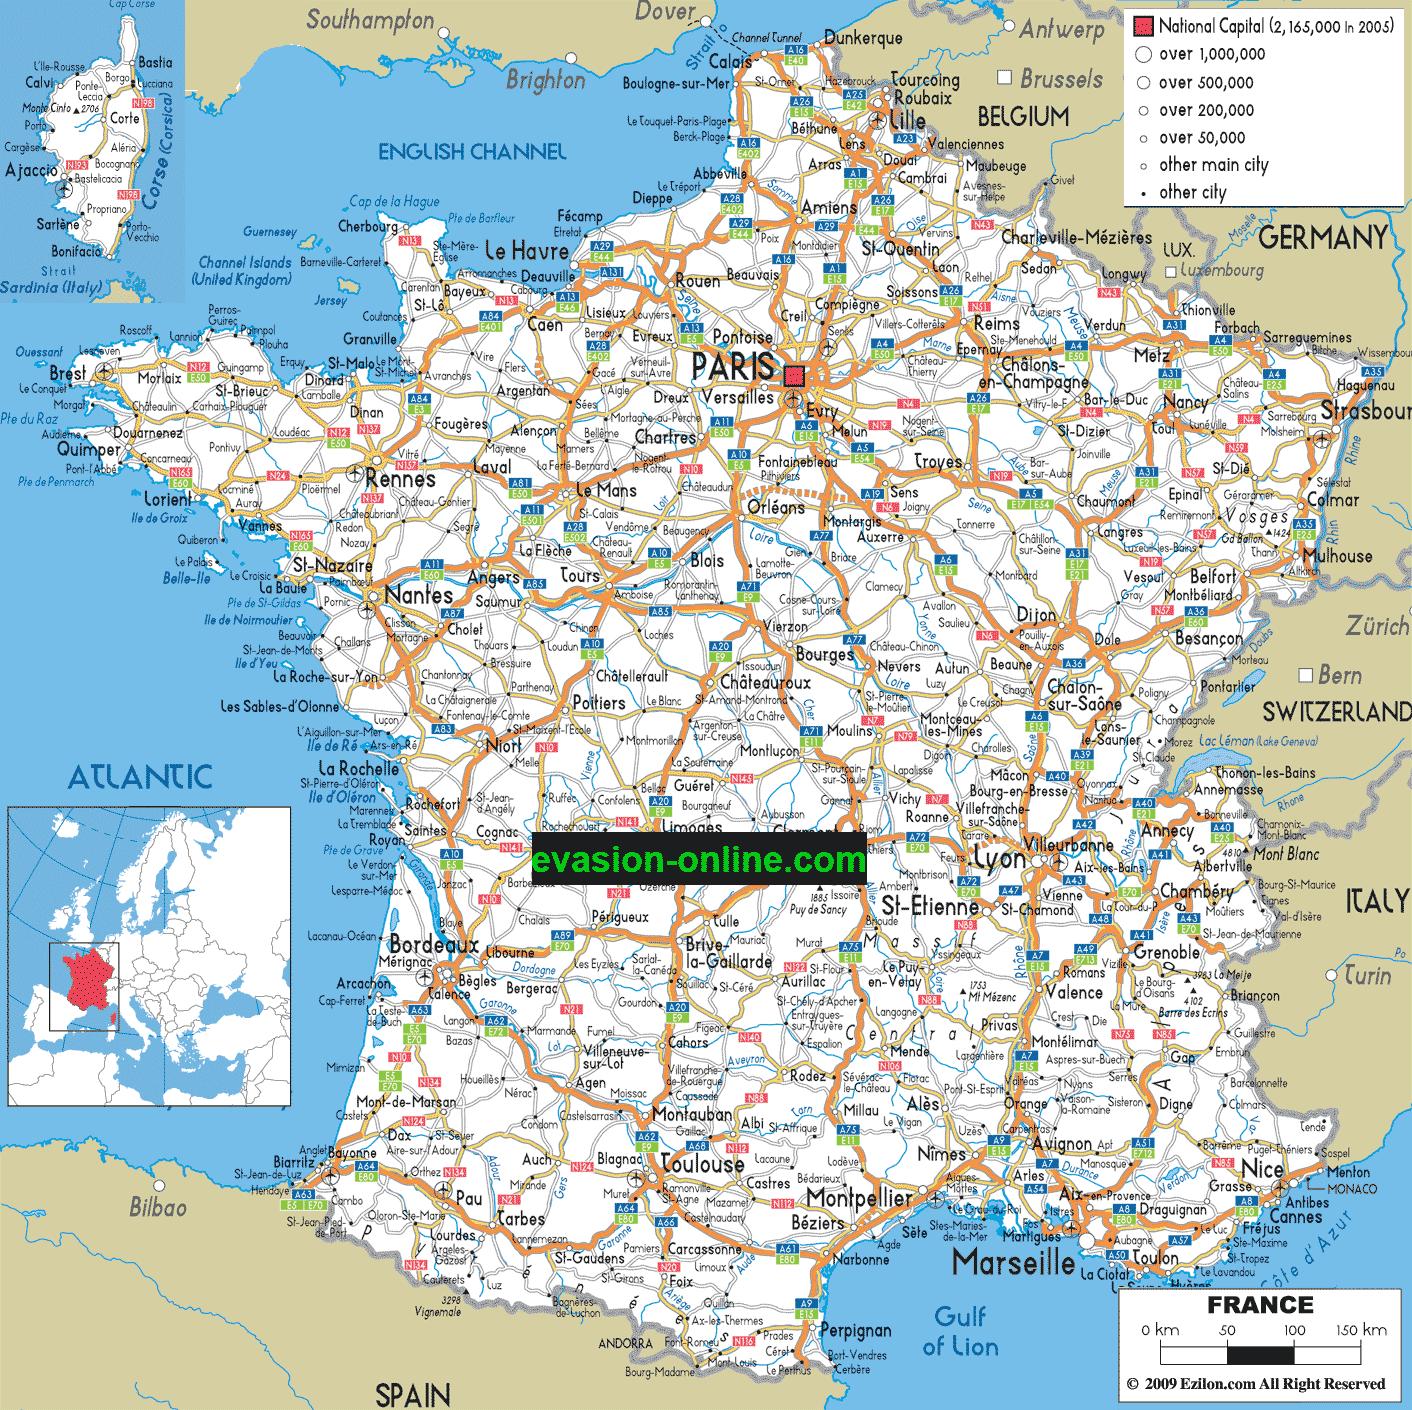 carte de la france détaillée Carte de France détaillée » Vacances   Arts  Guides Voyages